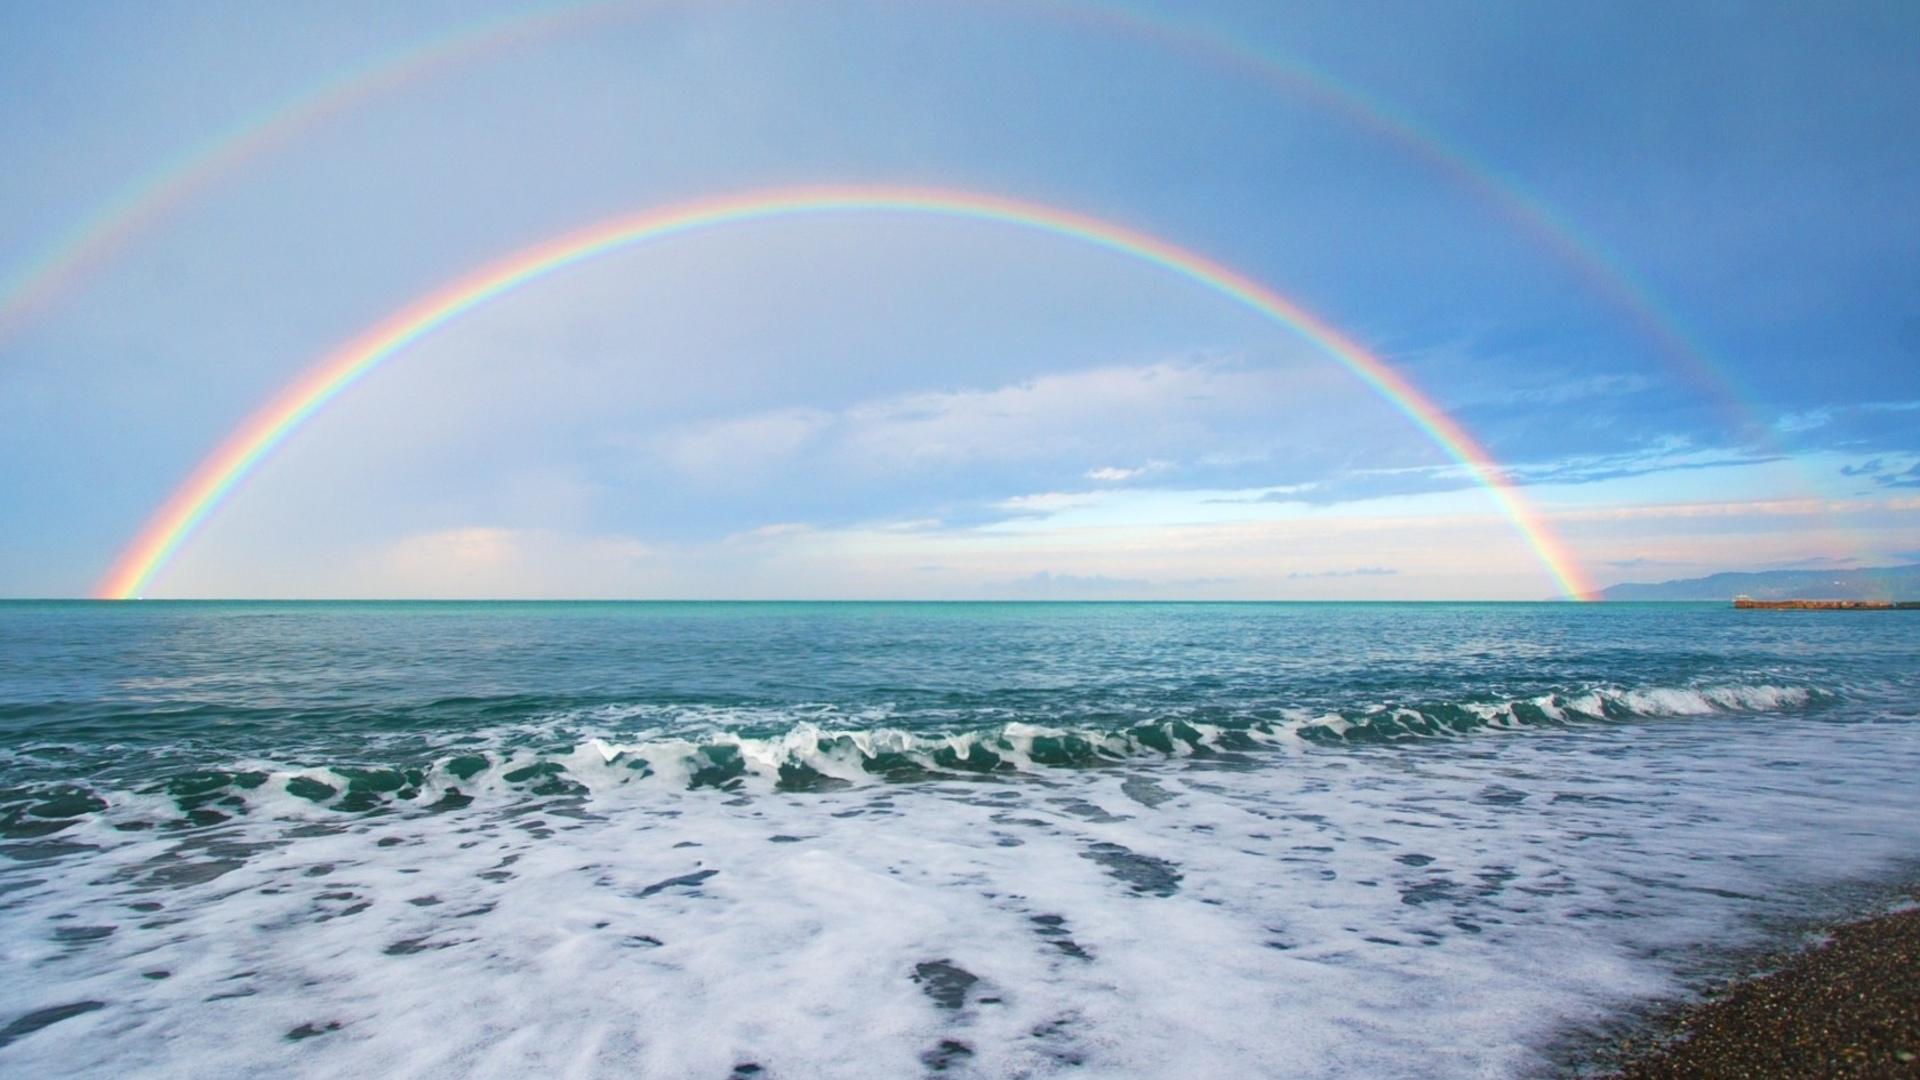 40871 免費下載壁紙 景观, 海, 彩虹 屏保和圖片